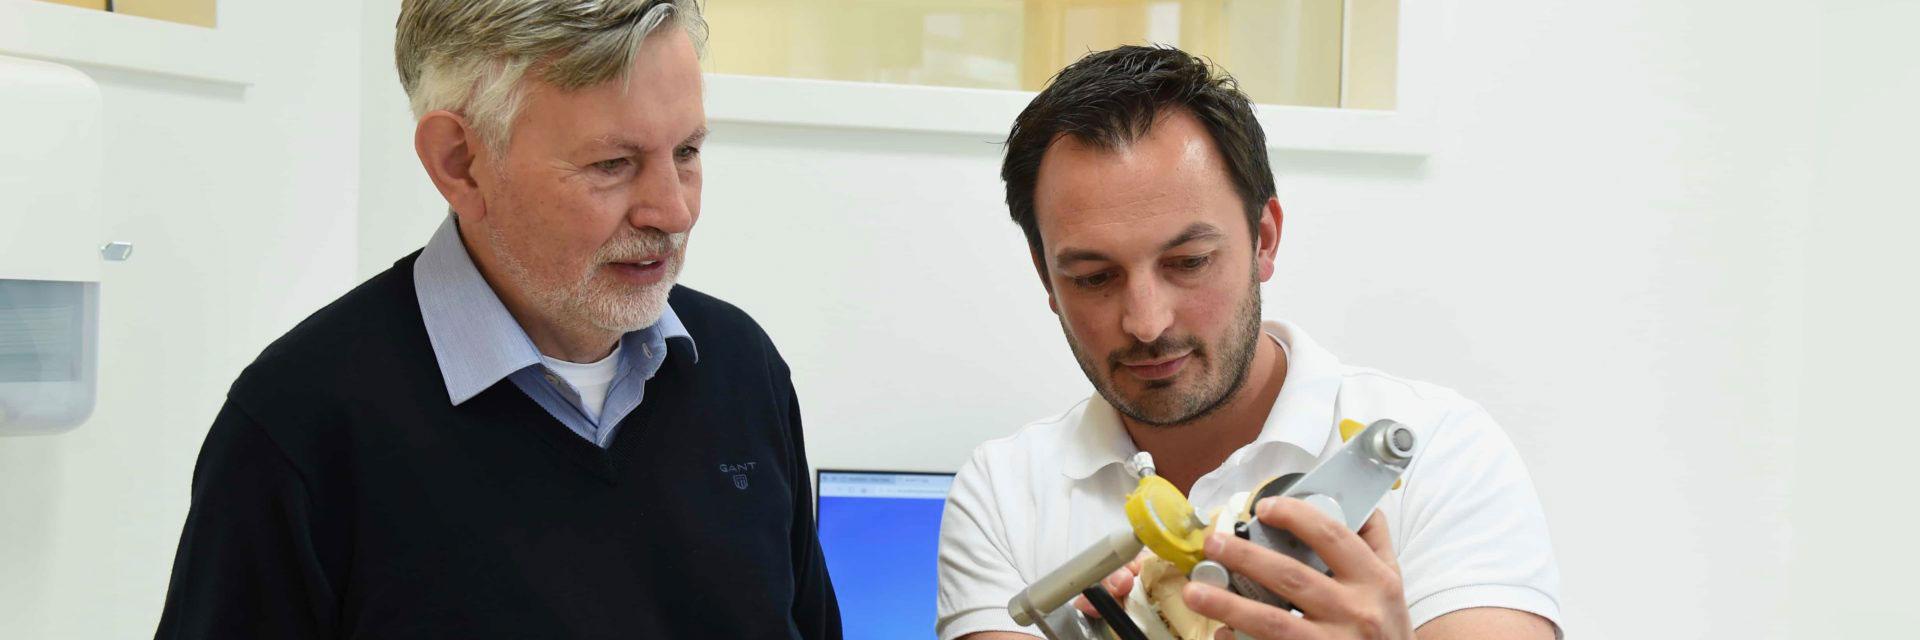 Anhand von Modellen klärt Zahnarzt Dr. Tomas Hoischen einen männlichen Patienten auf